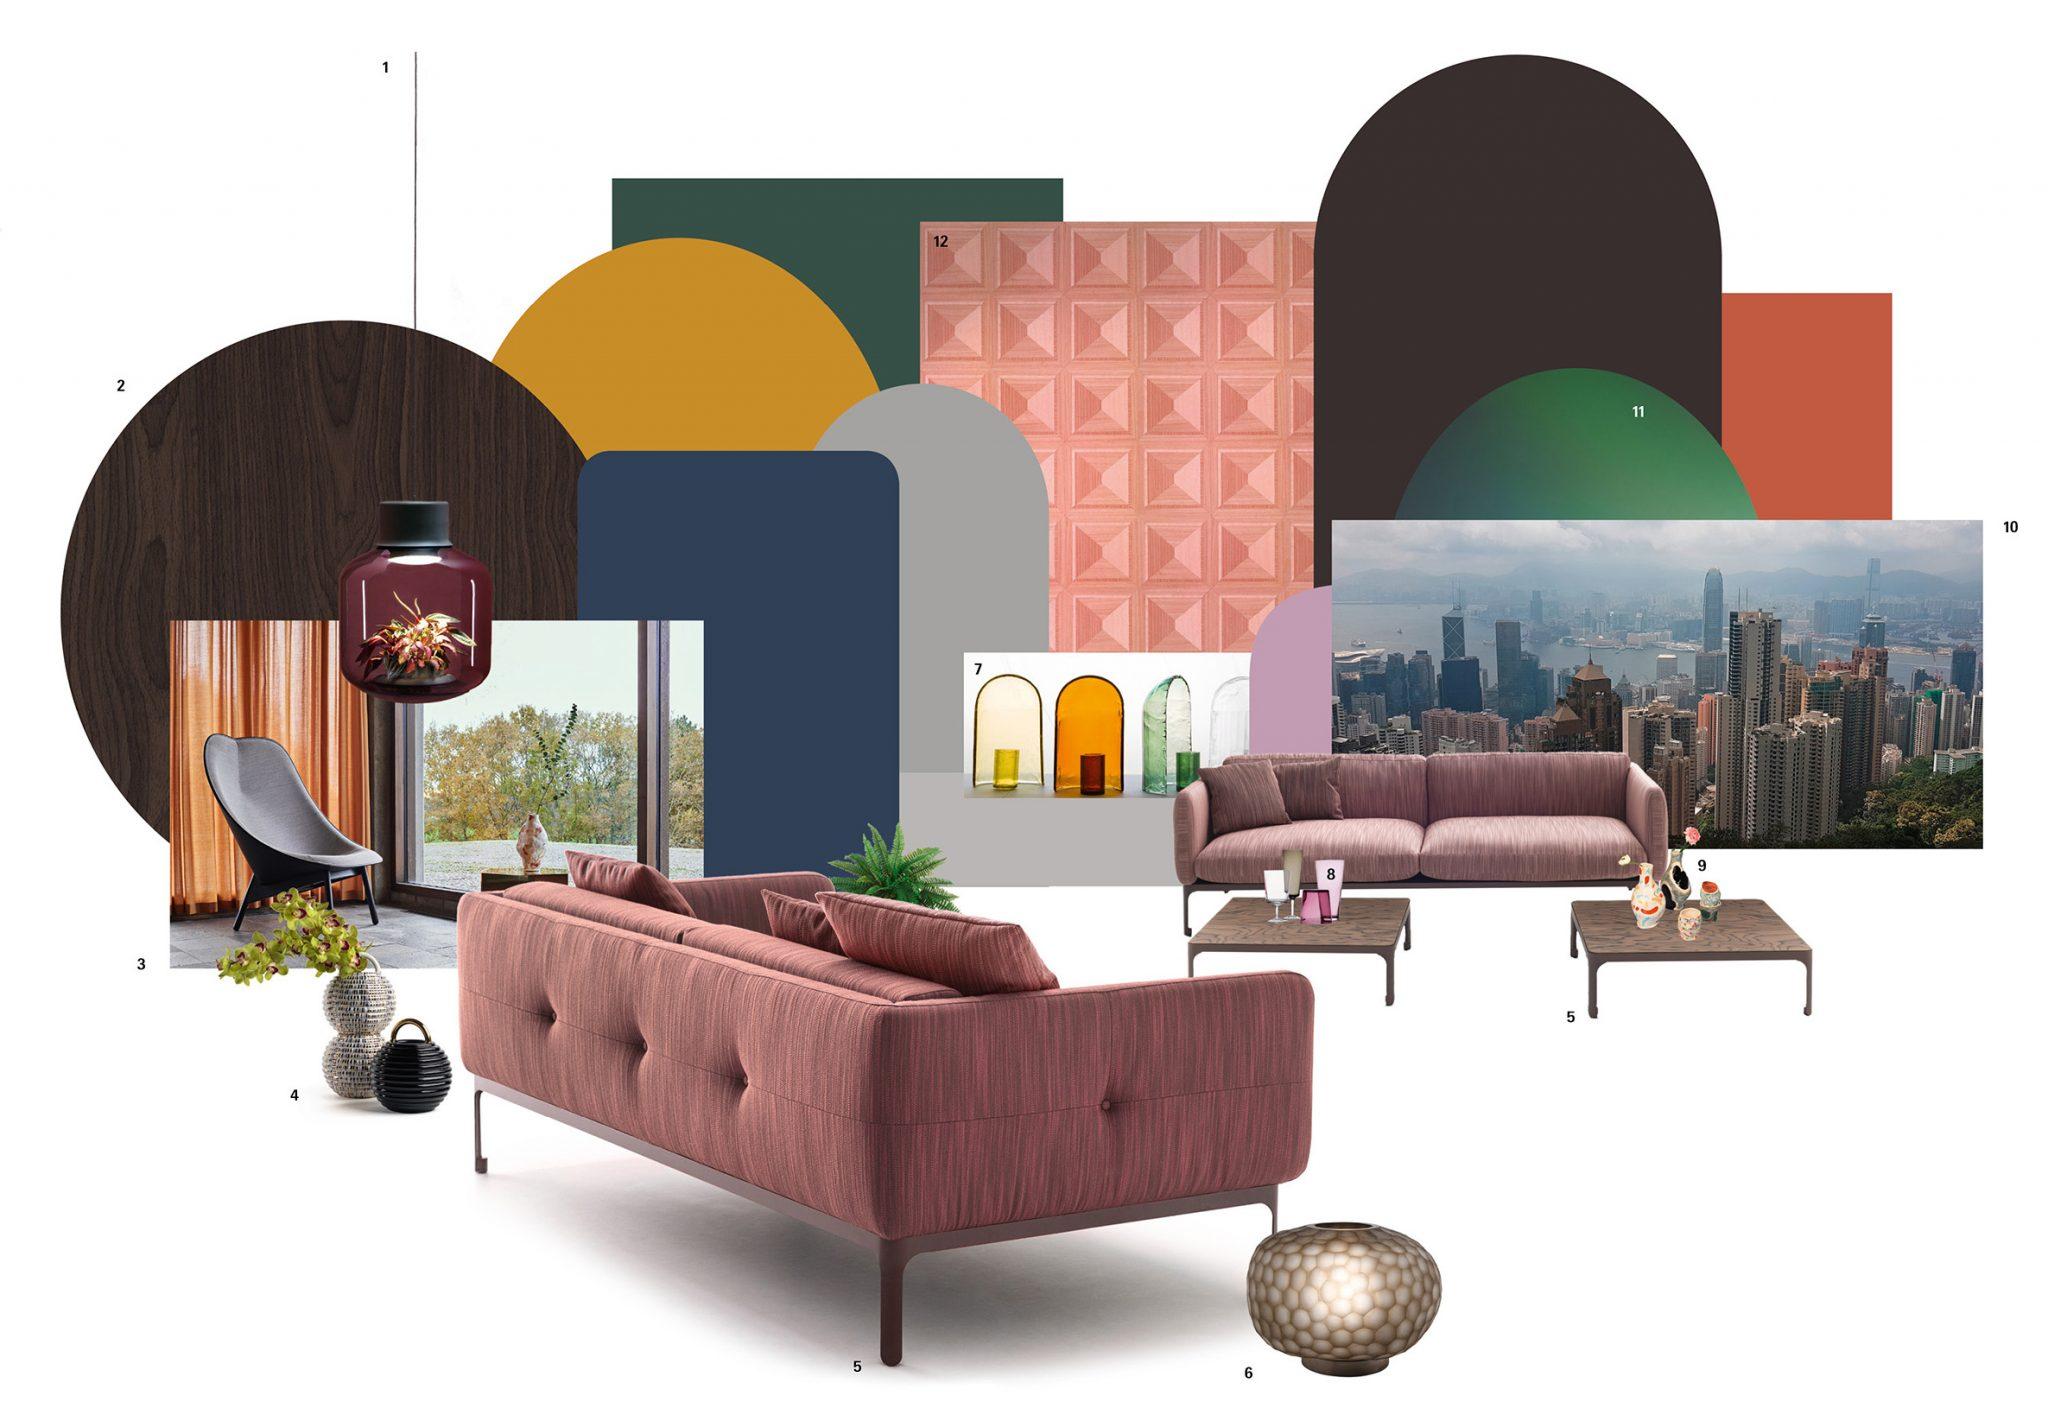 Čo ovládne interiéry v roku 2019? Nadčasová elegancia osloví pôžitkárov